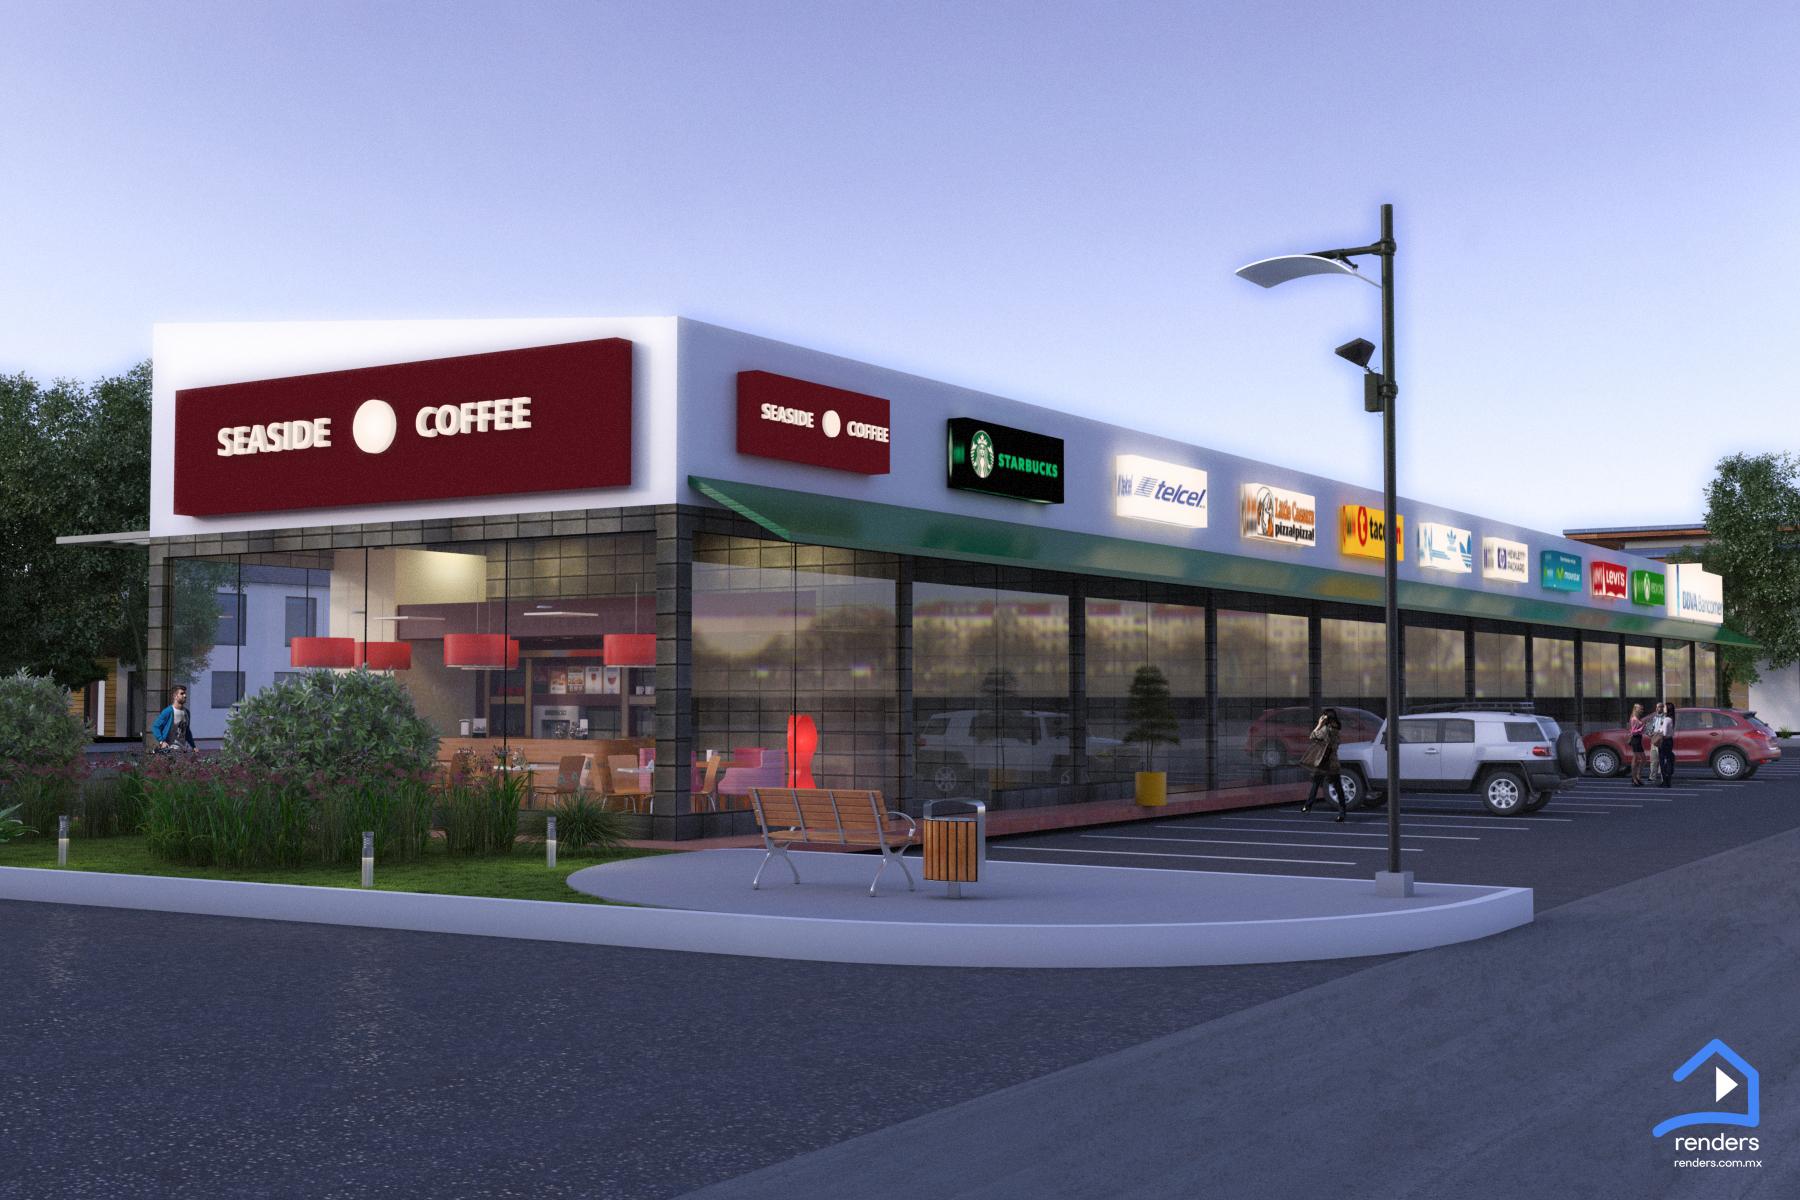 renders exteriores local comercial diseño 2